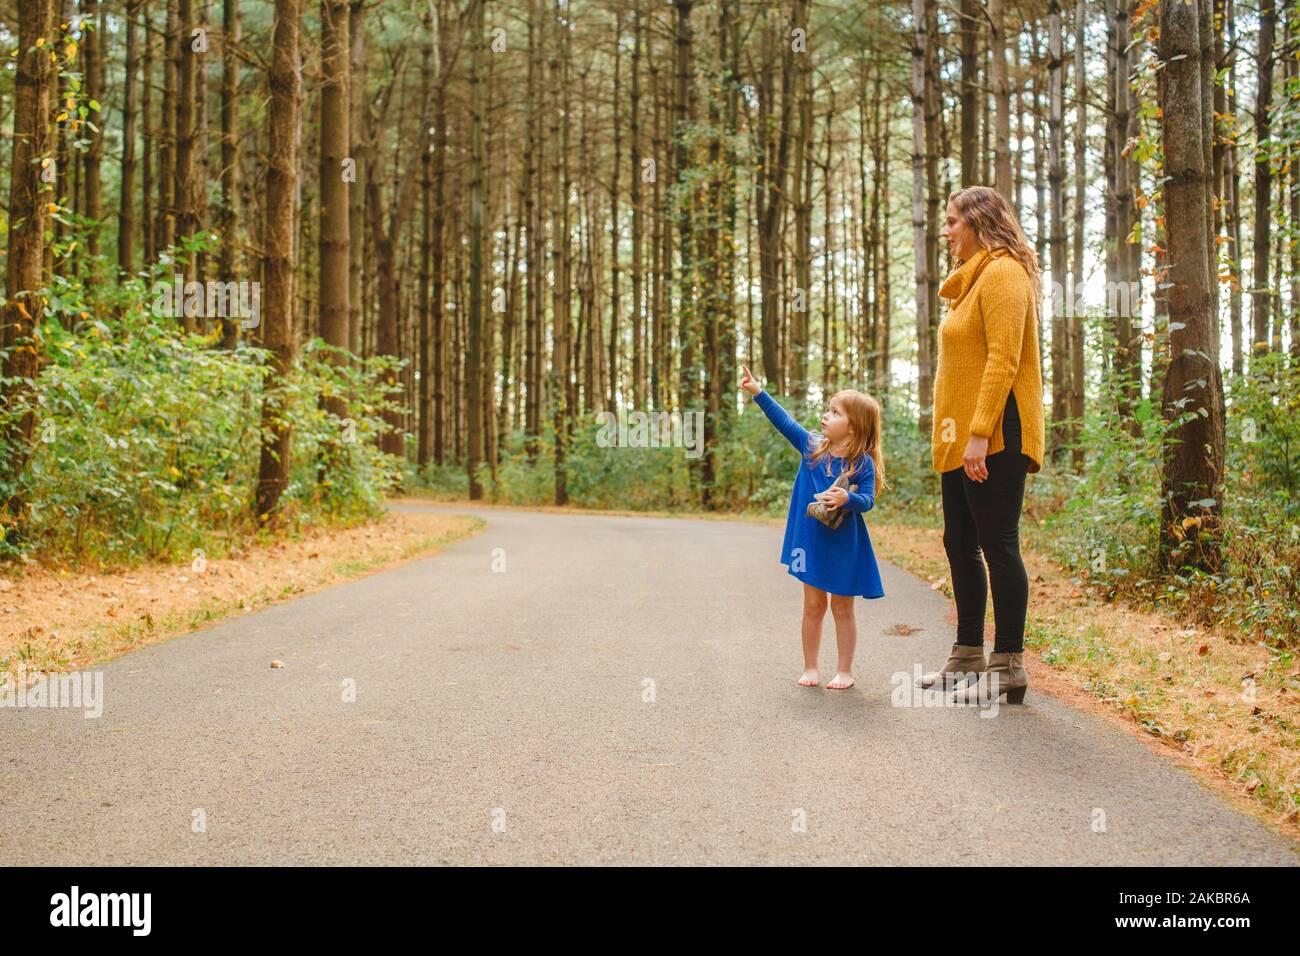 Un bambino piccolo si alza su un sentiero boscoso con la madre che punta in su Foto Stock